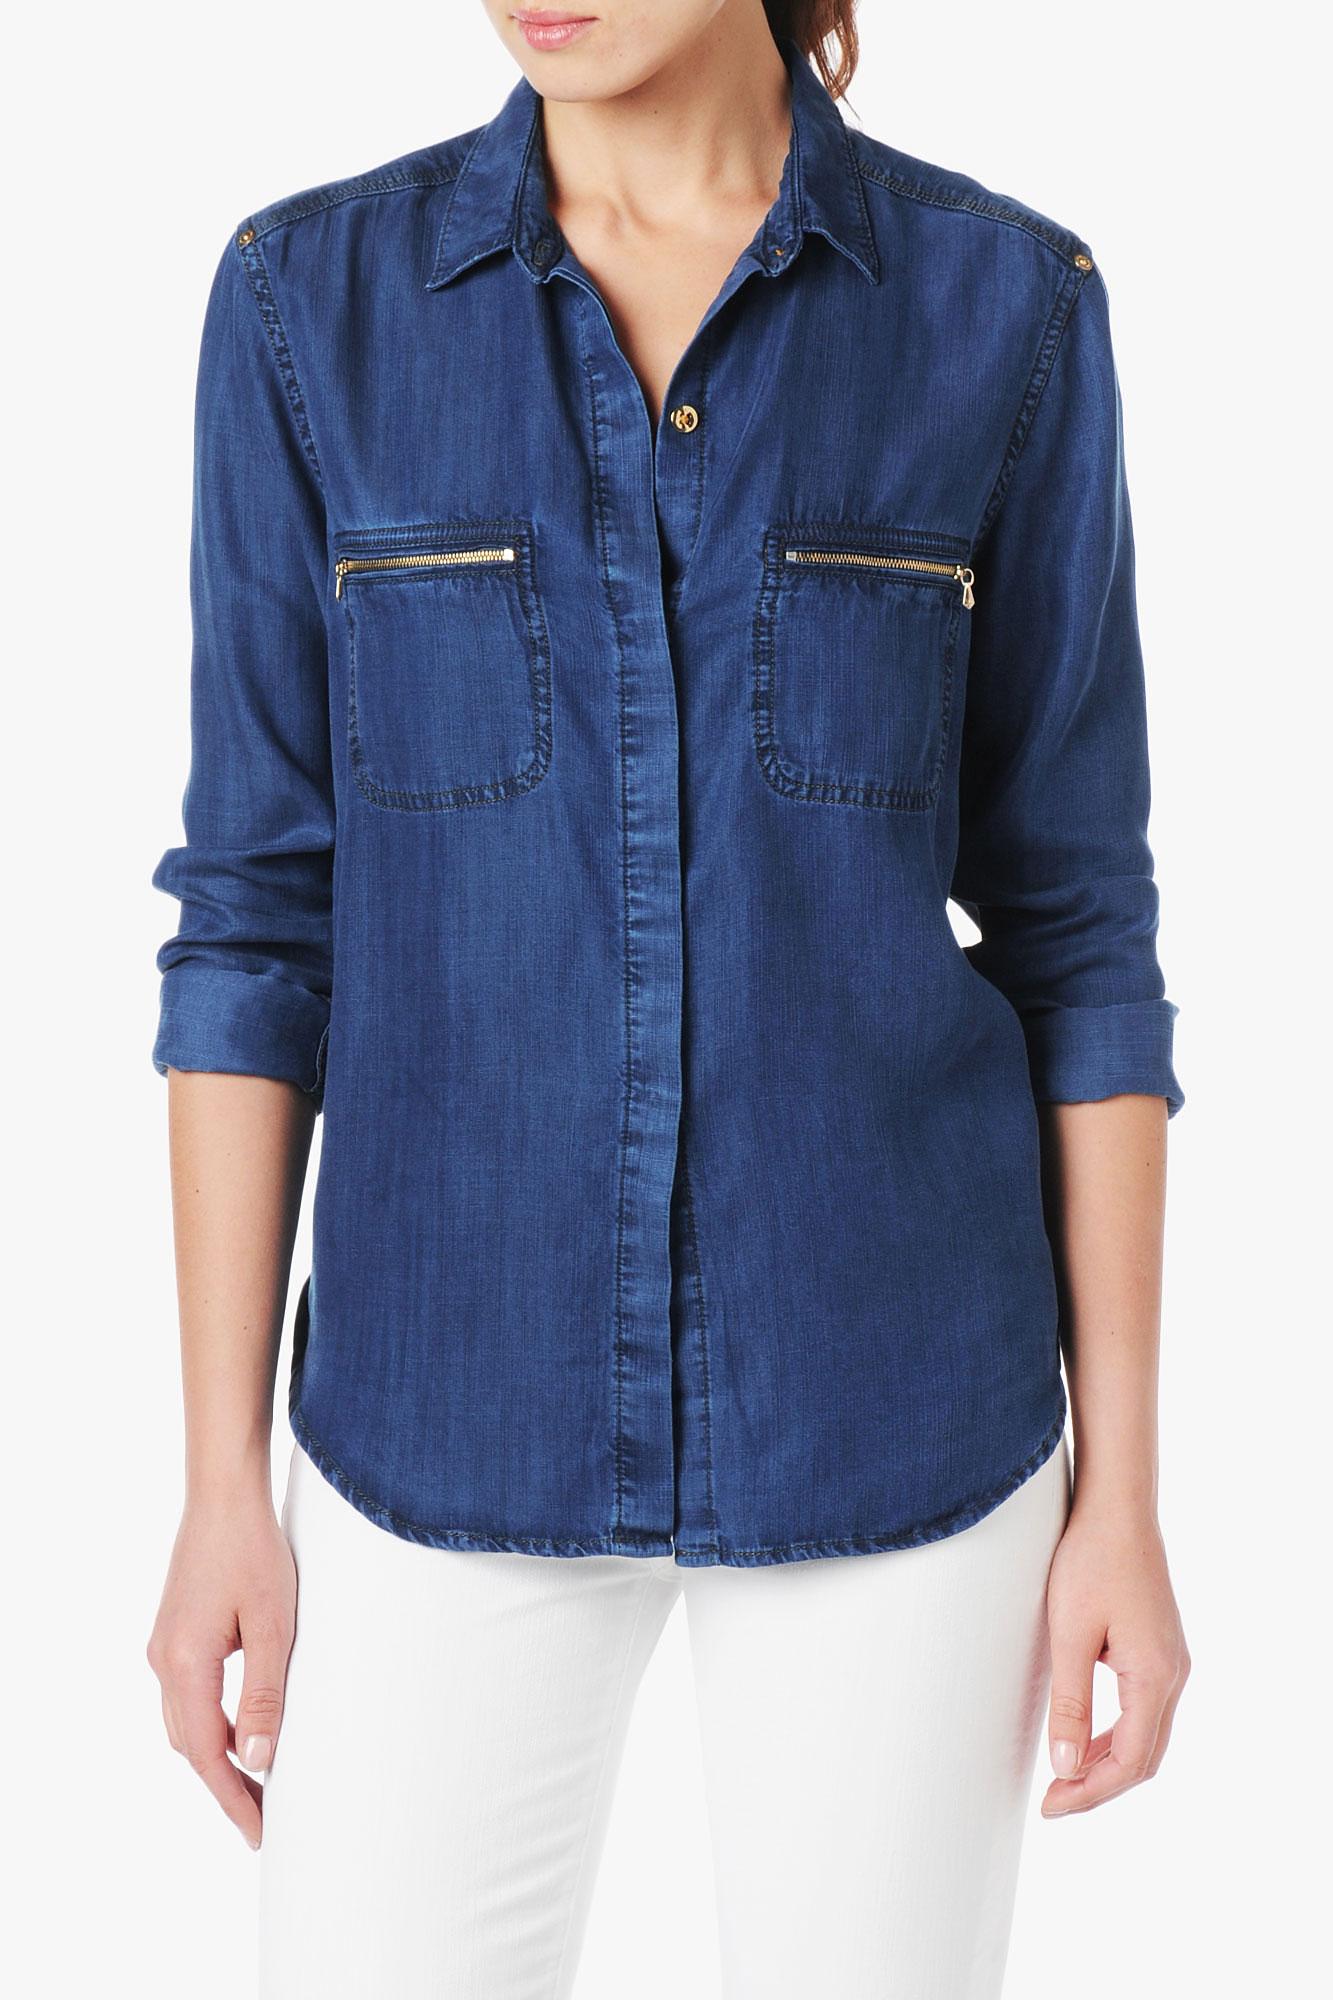 denim shirt pockets - photo #5